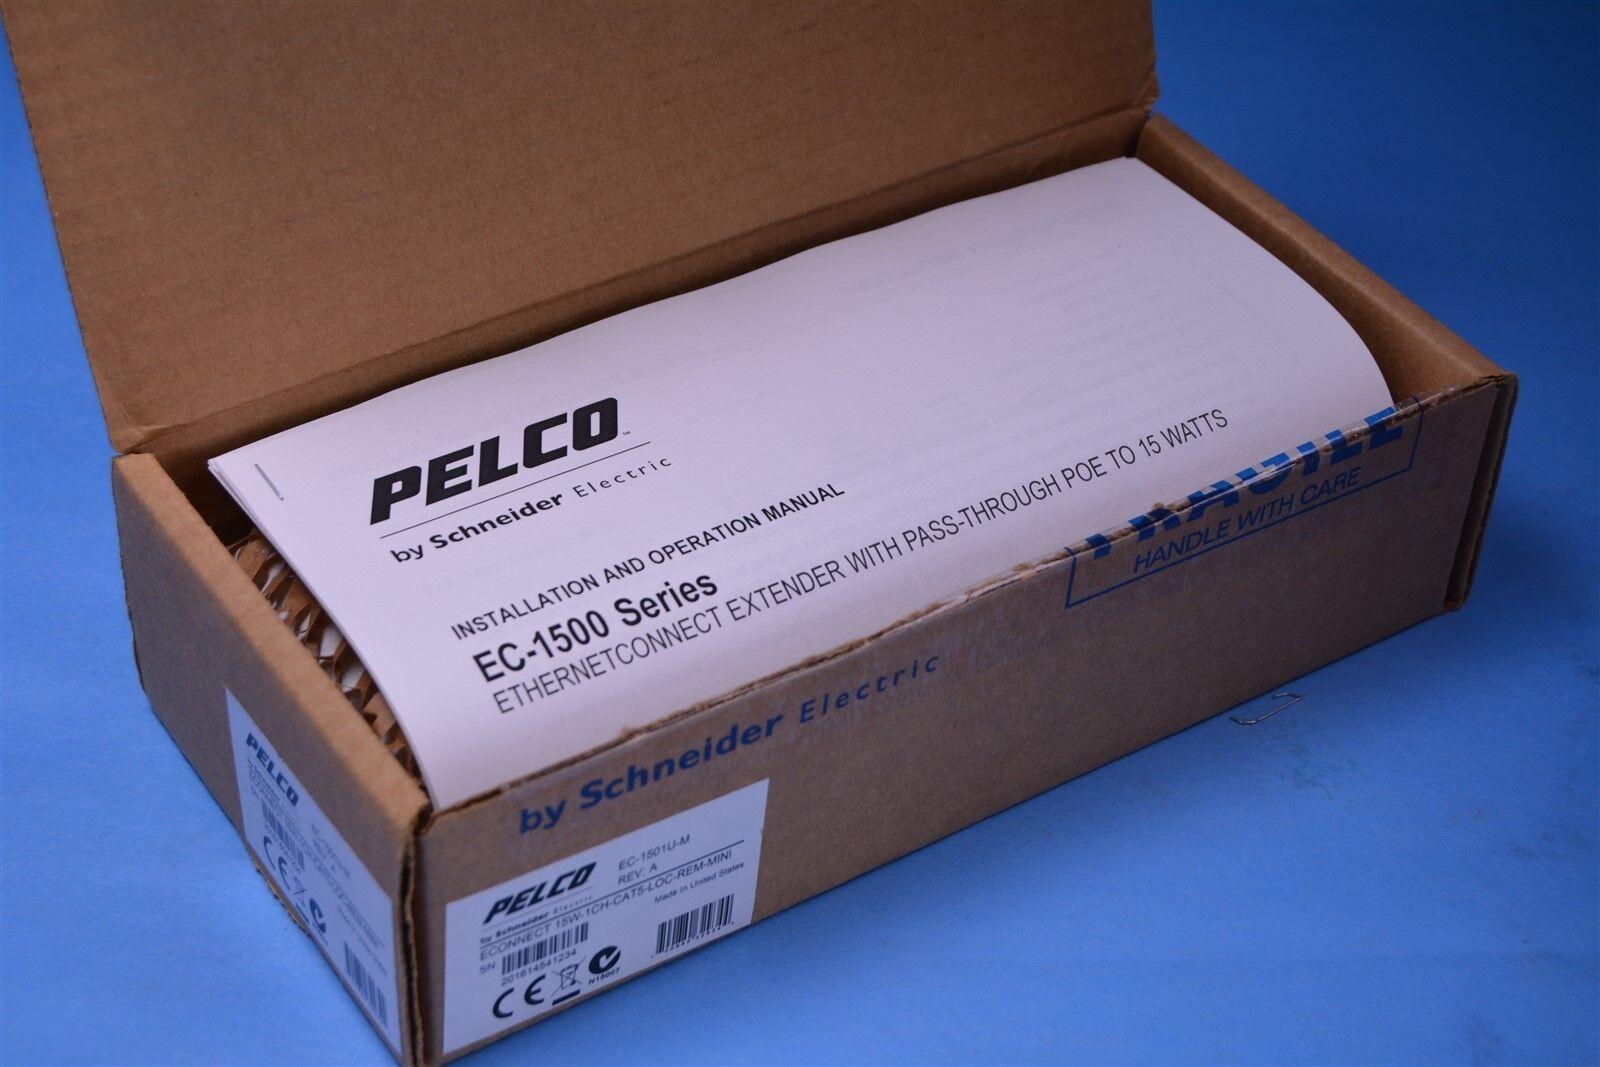 Pelco eConnect EC-1501U-M 1 puertos Ethernet sobre UTP extender local o remota